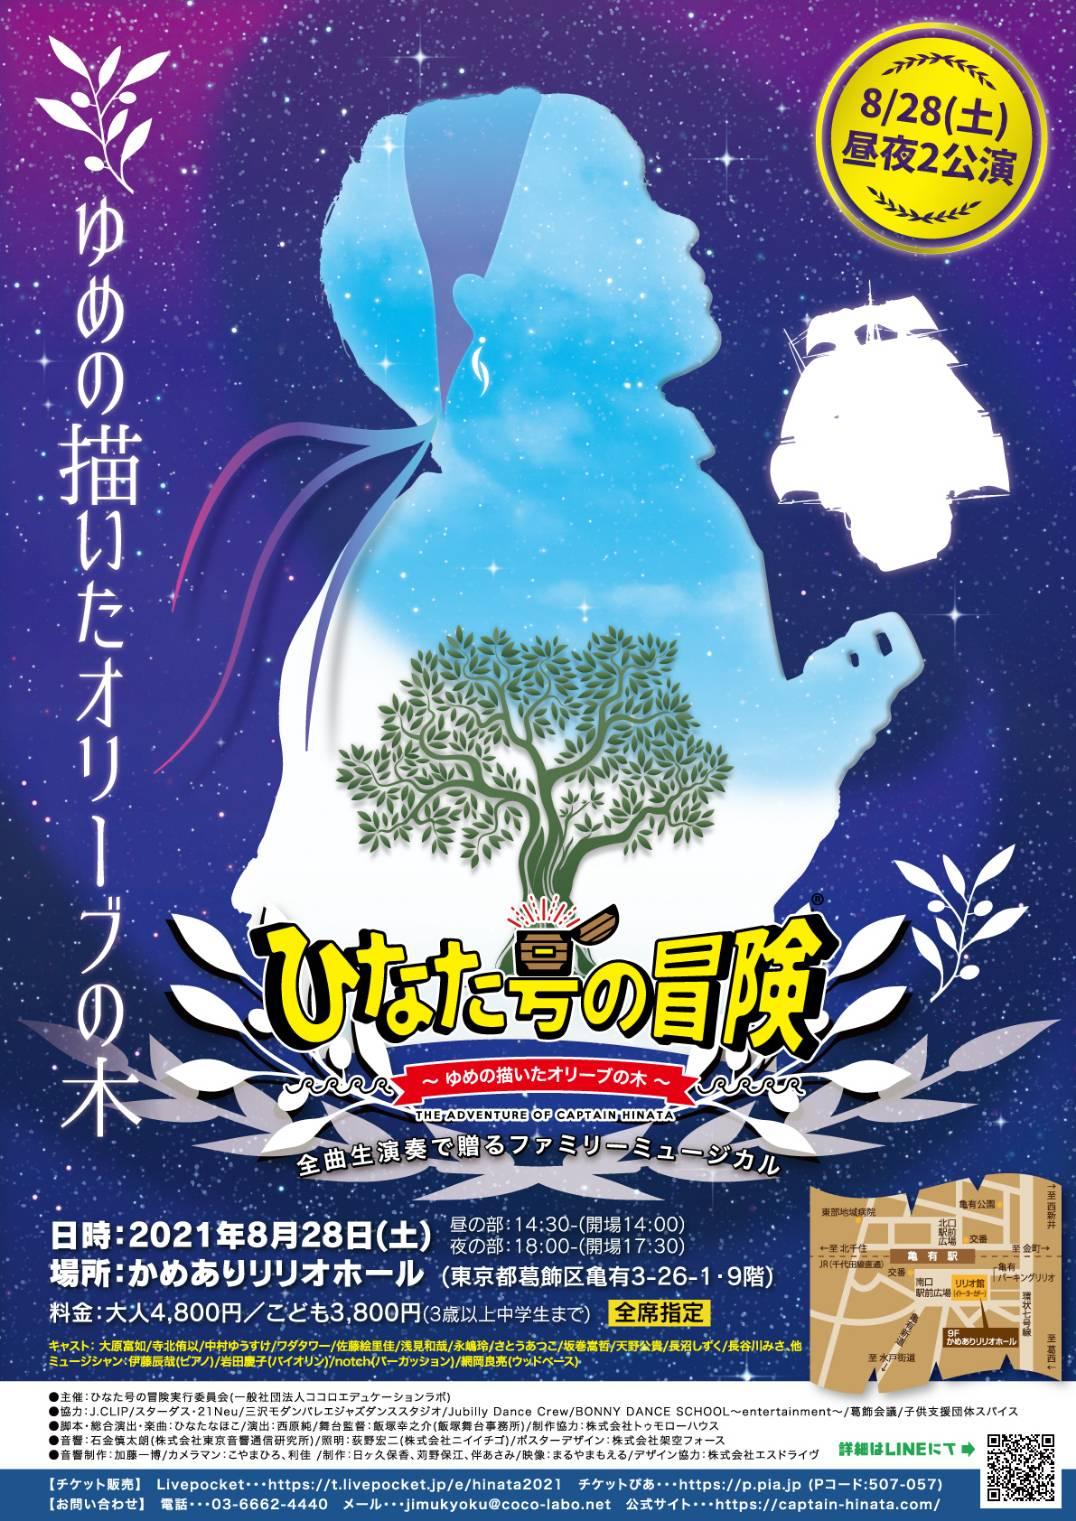 ひなた号の冒険~ゆめの描いたオリーブの木~